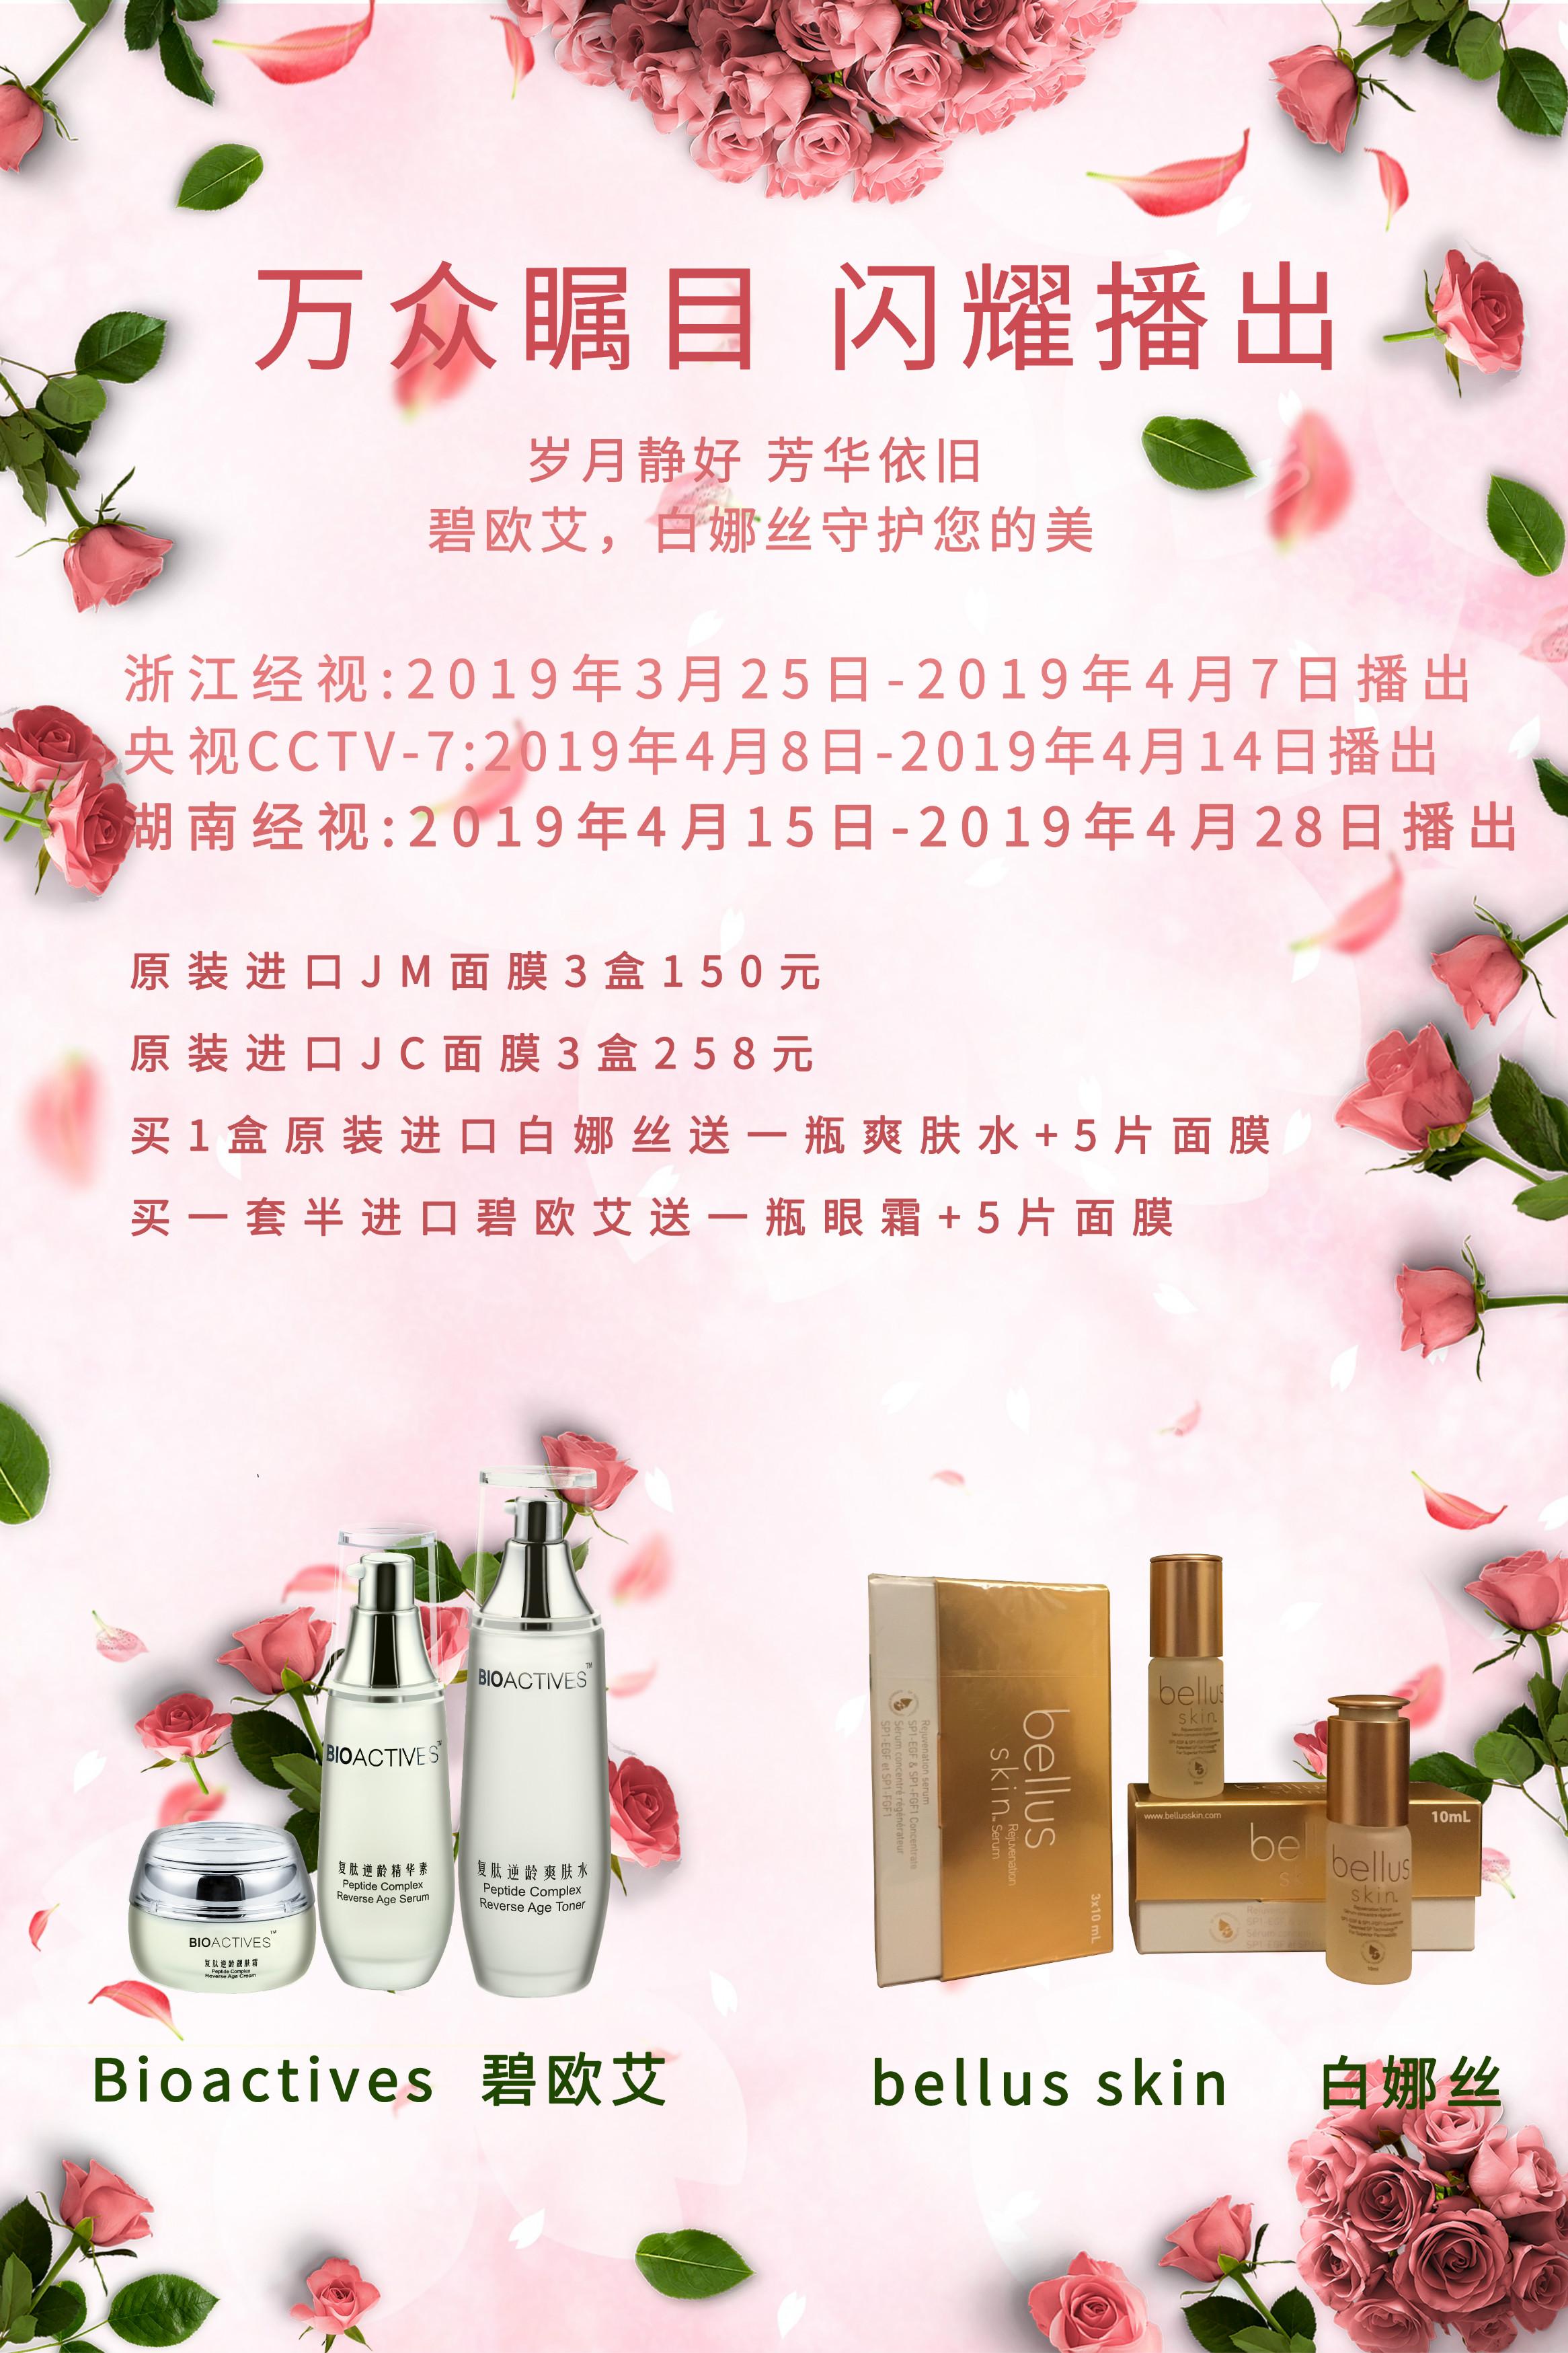 护肤品广告时间通知竖图_meitu_1